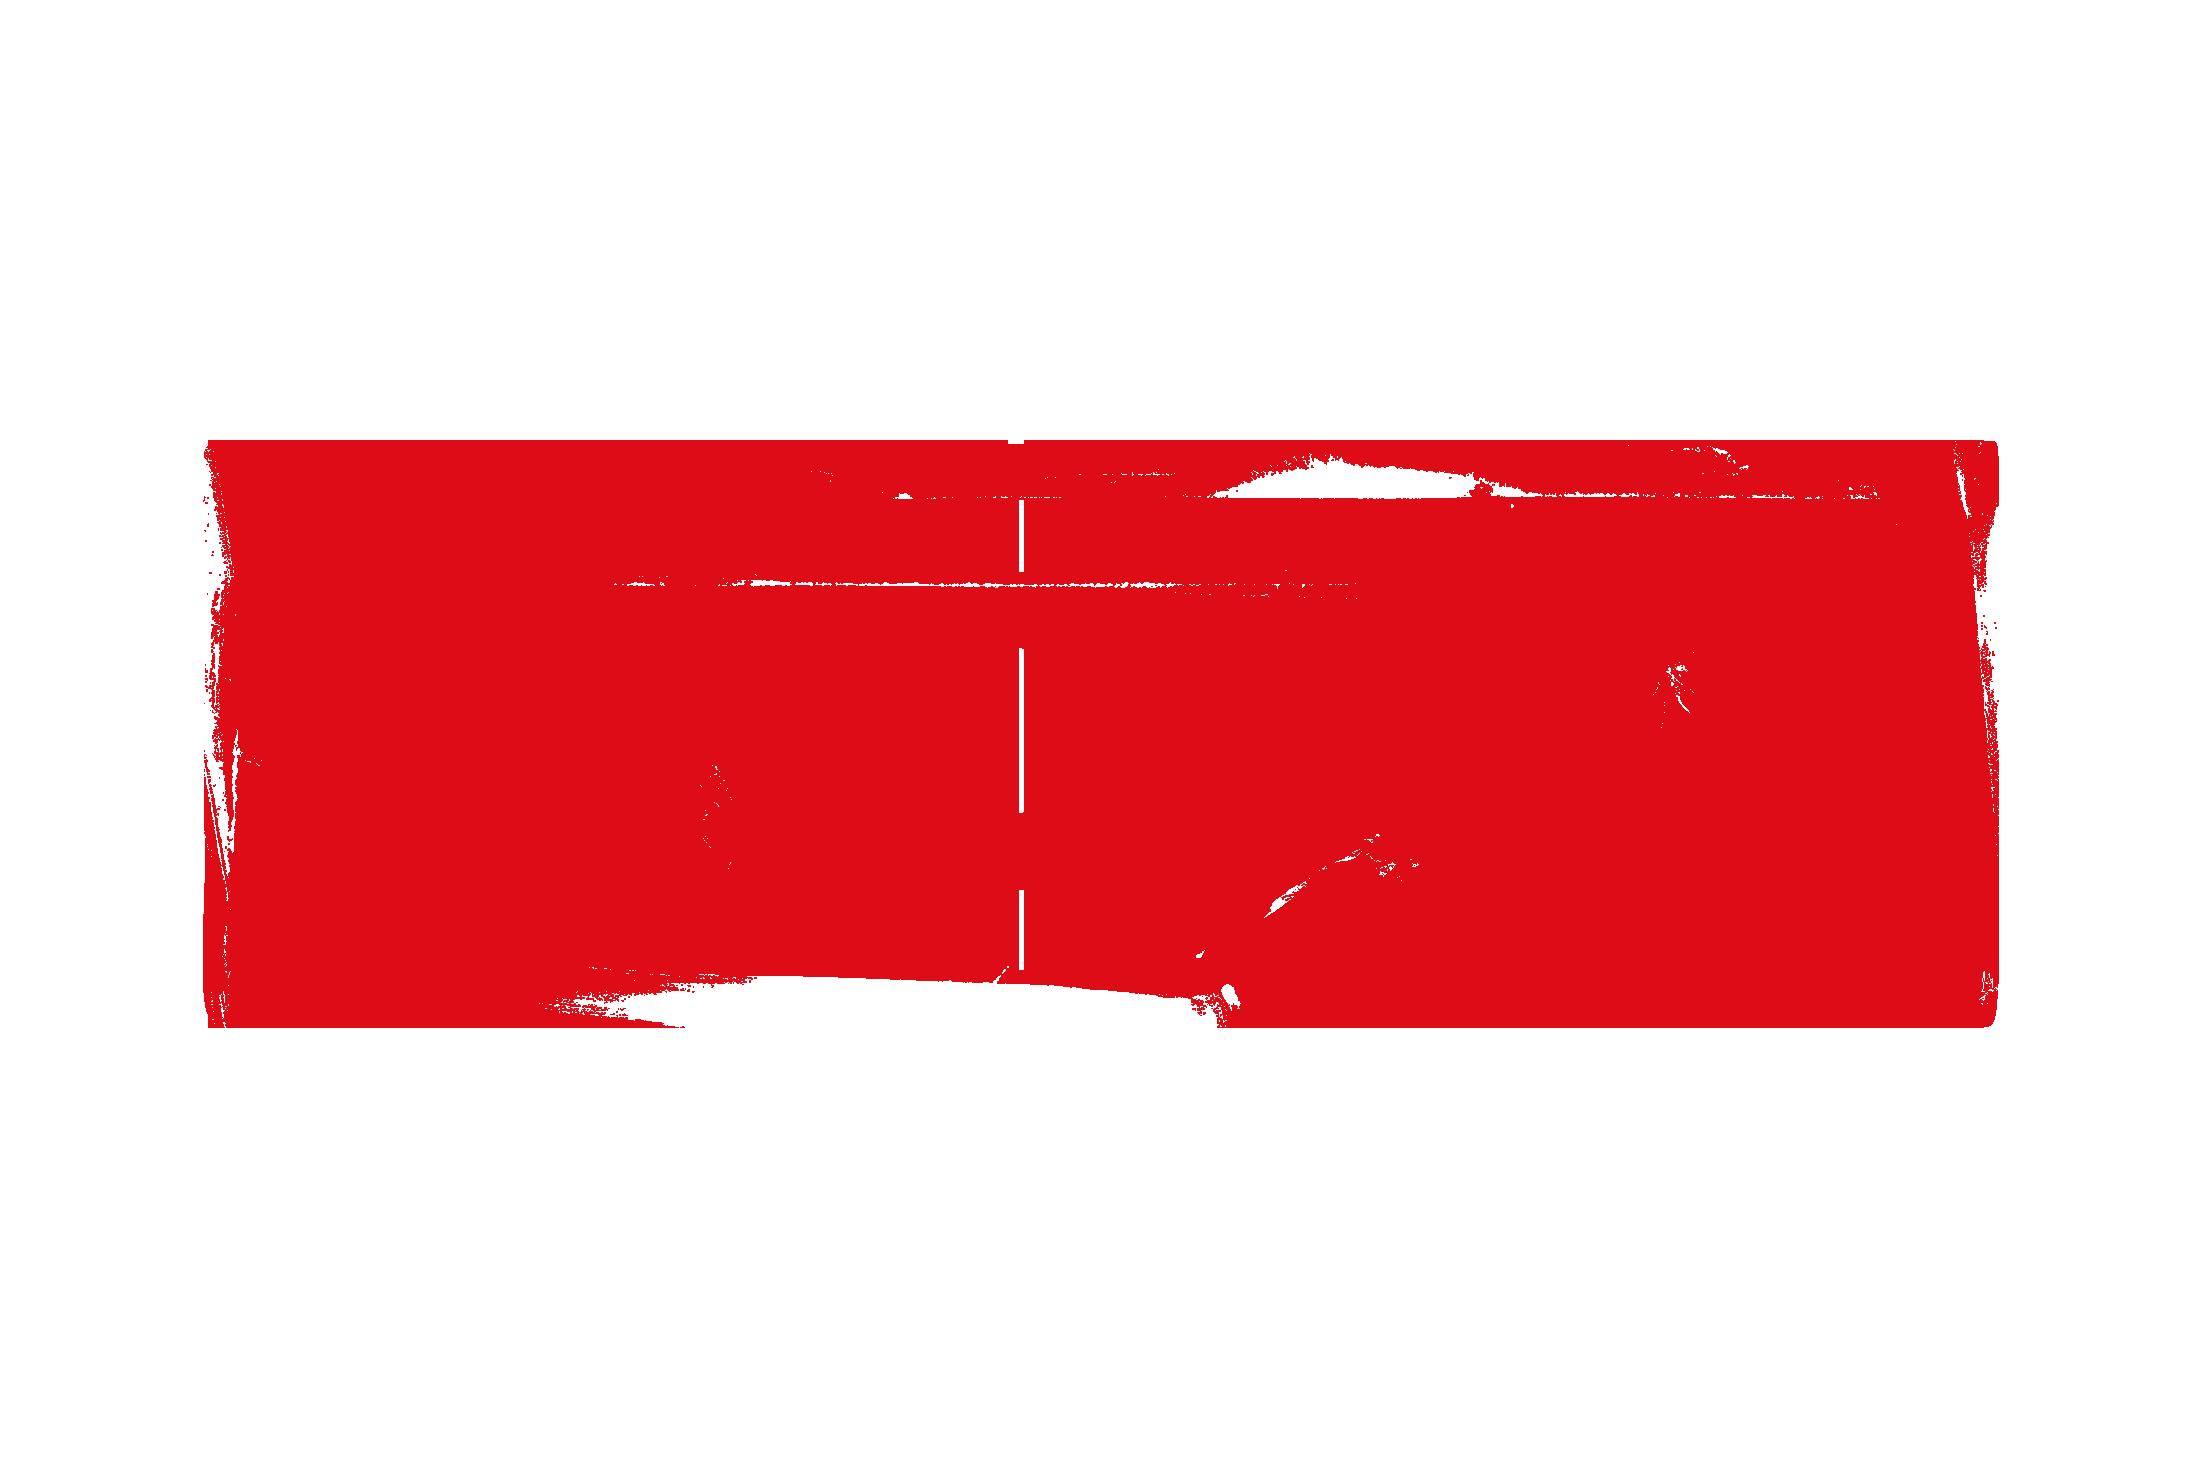 promo-stamp-png